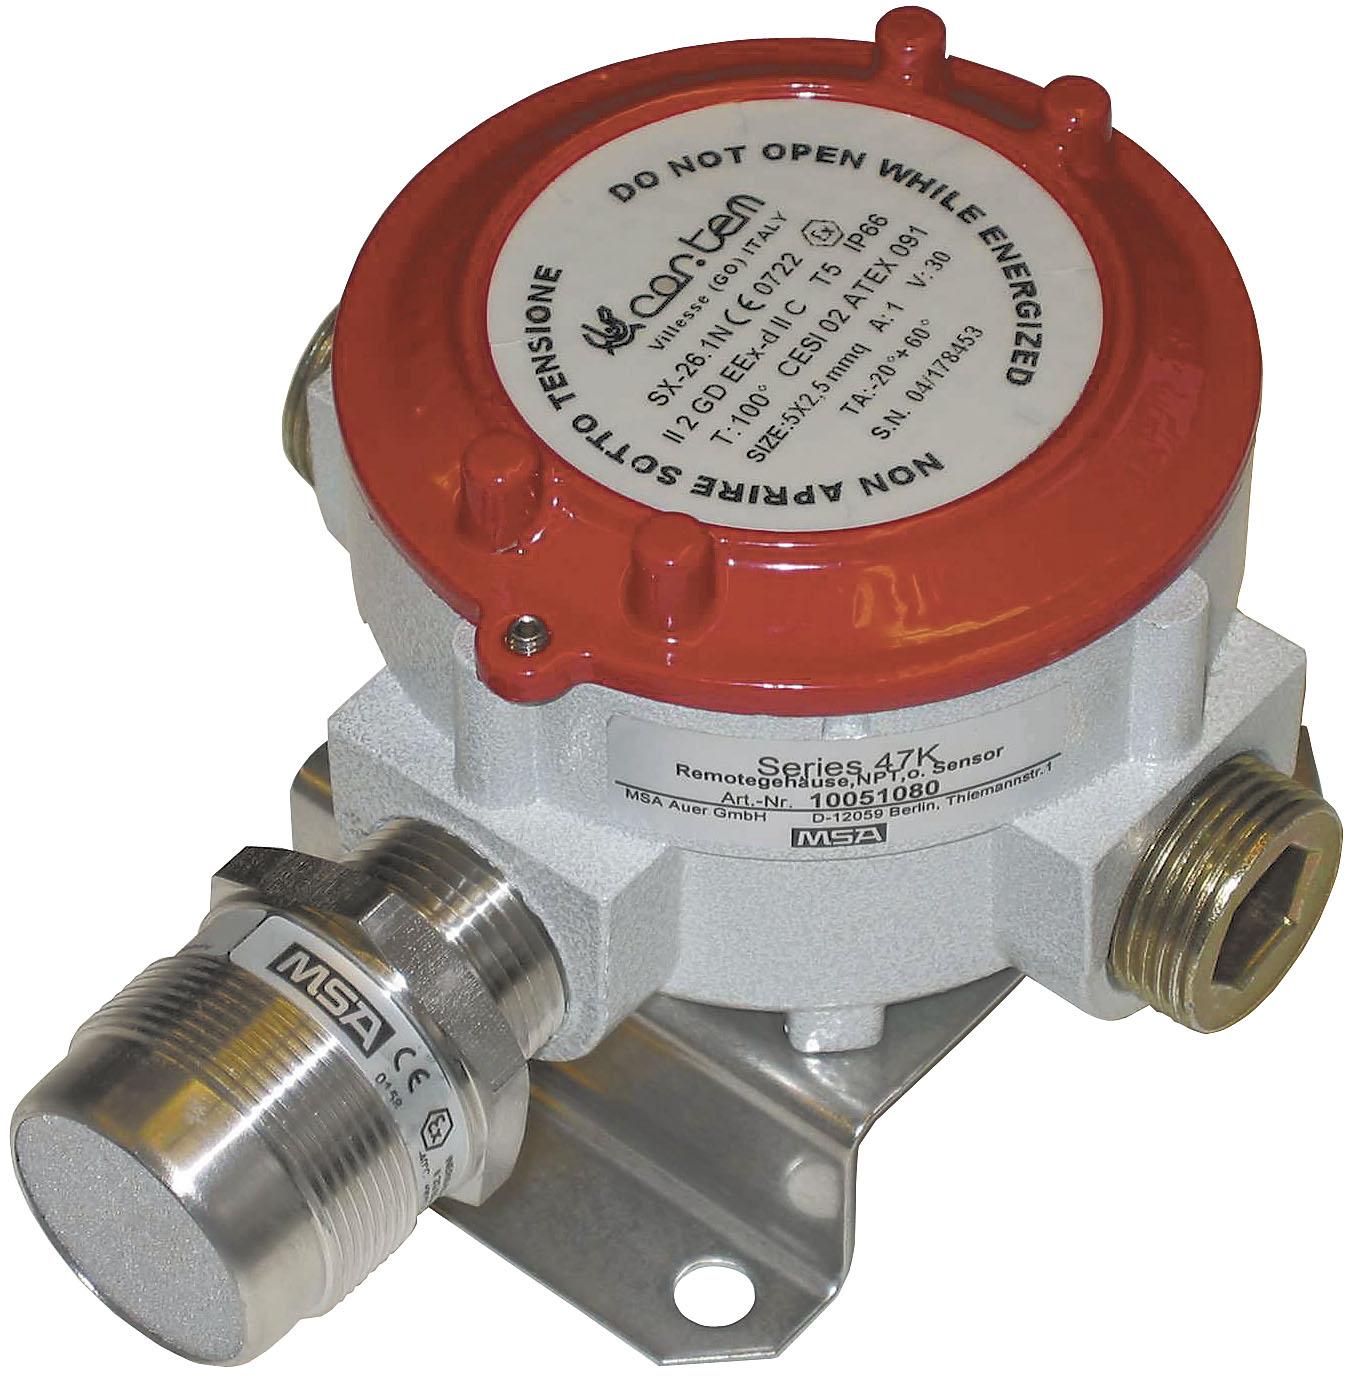 Les capteurs série 47 K sont étudiers pour détecter les concentrations de gaz ou de vapeurs combustibles potentiellement